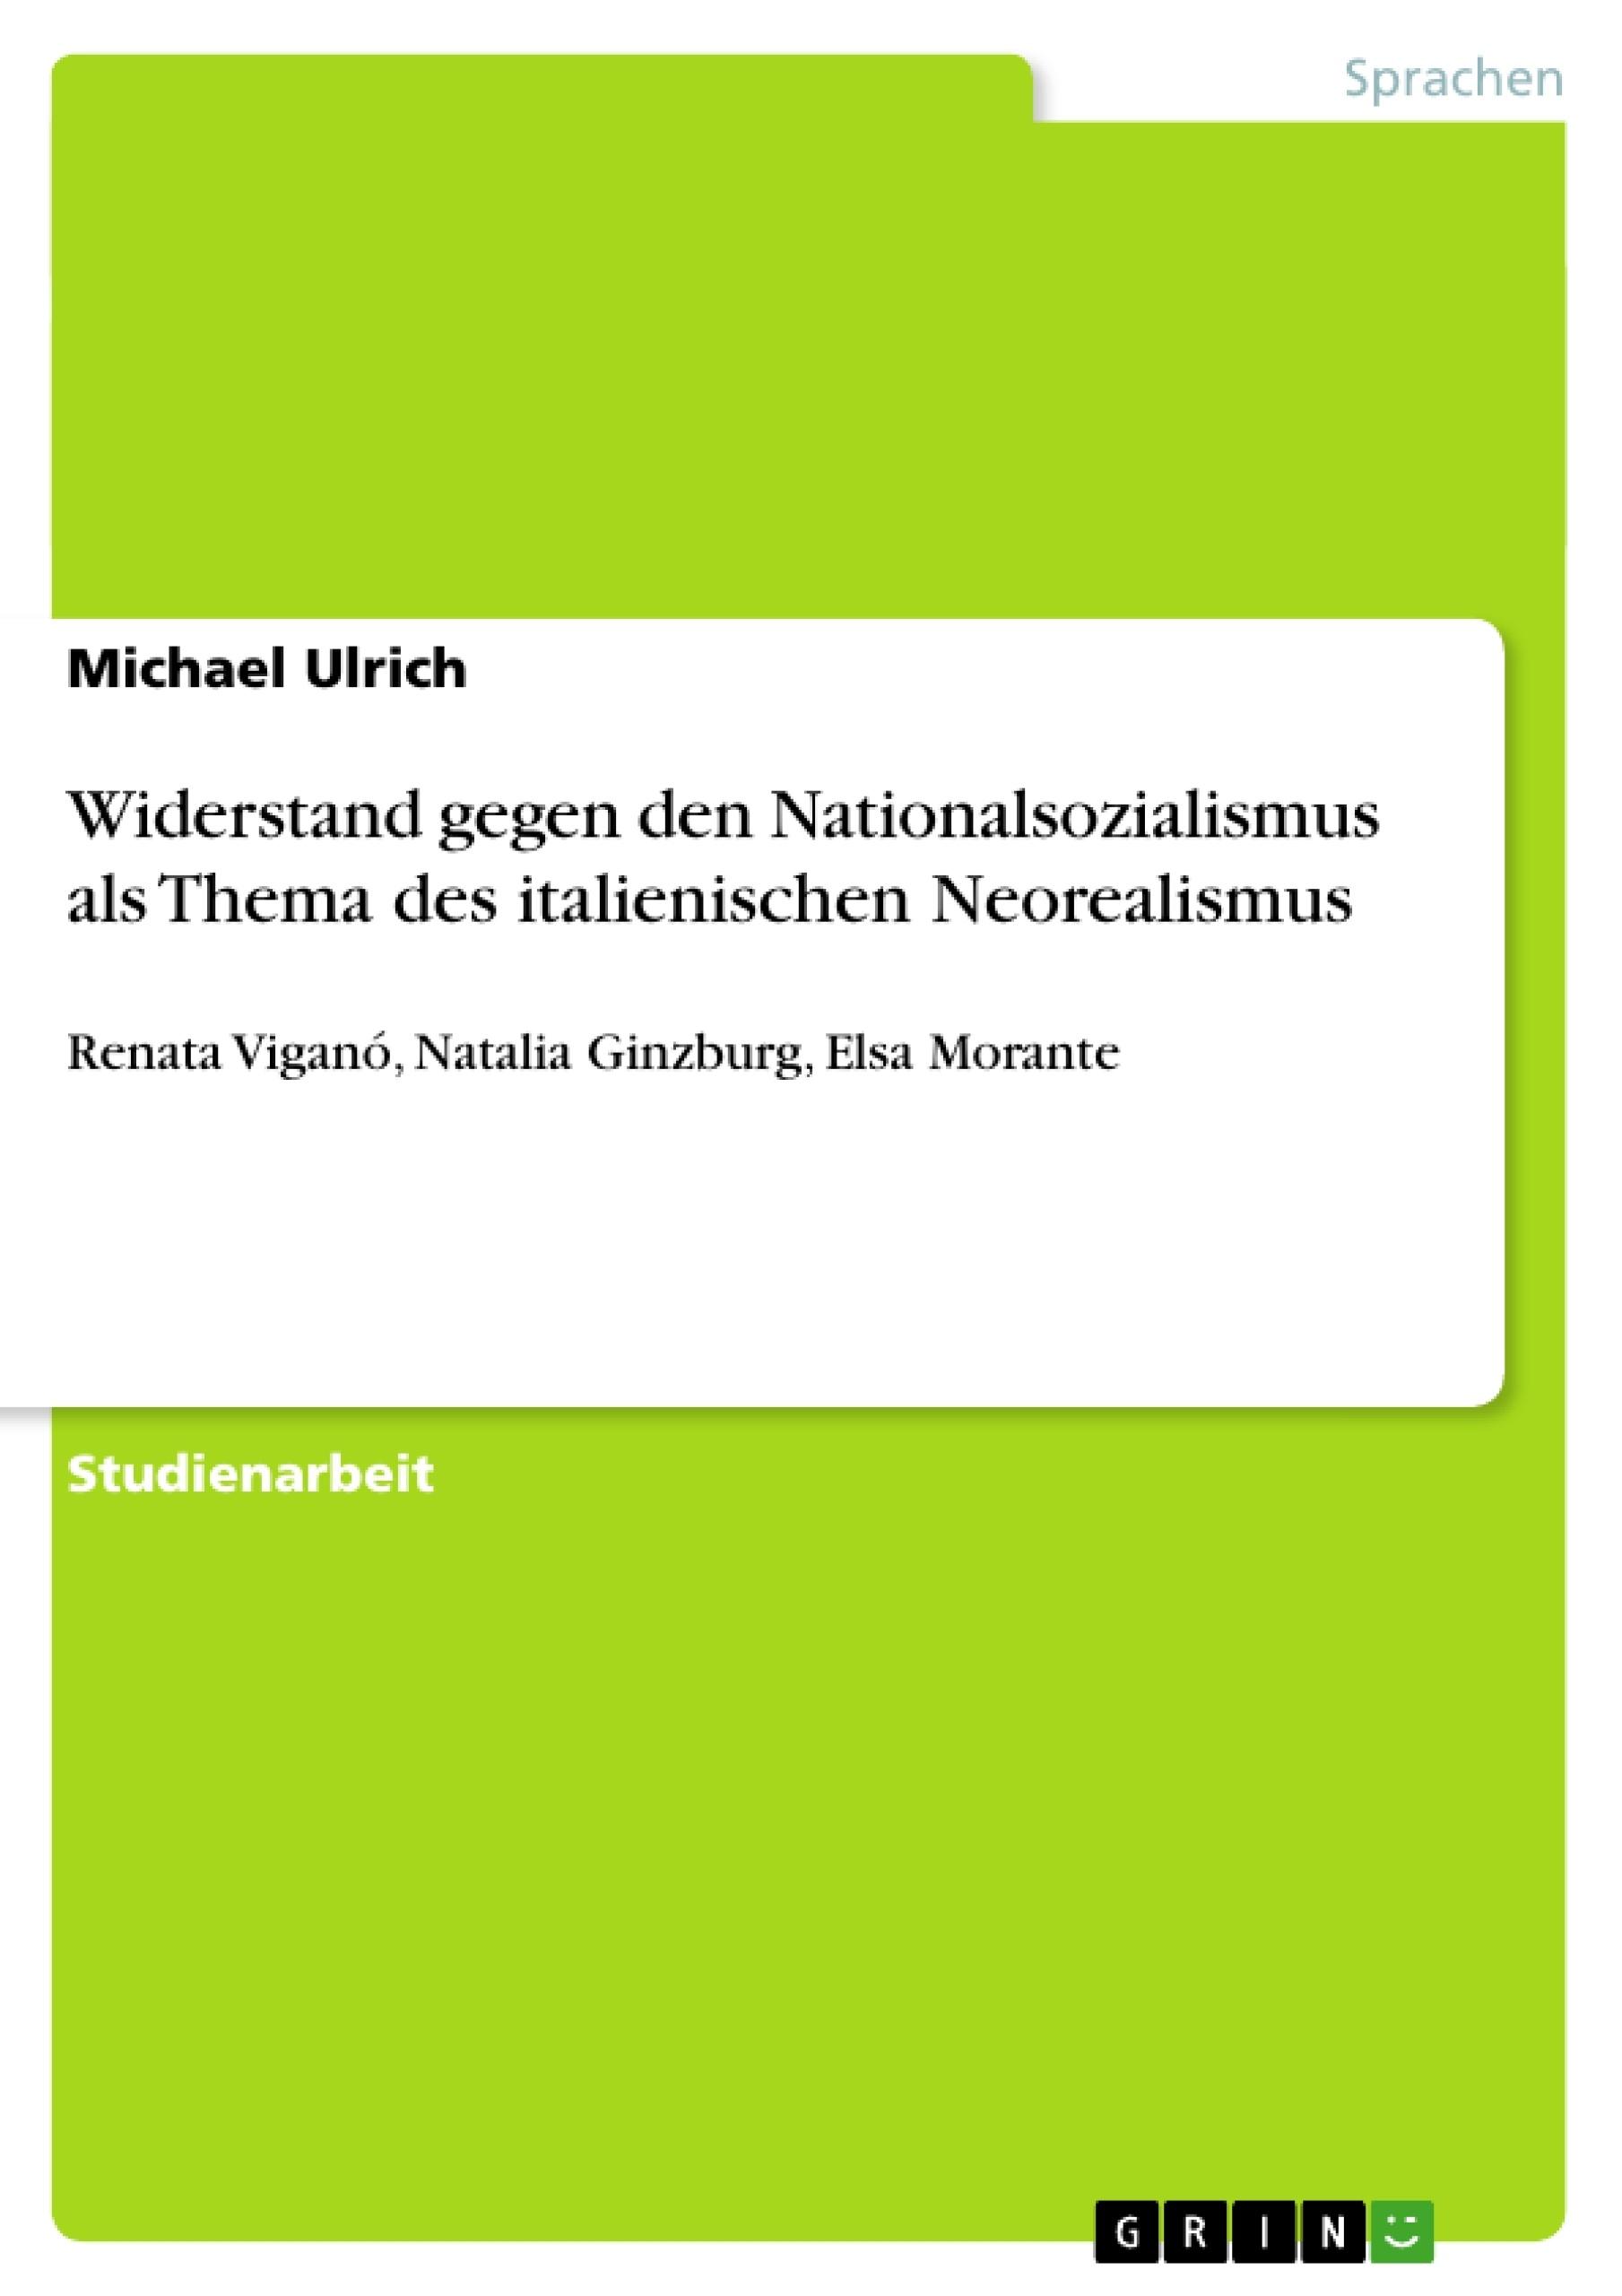 Titel: Widerstand gegen den Nationalsozialismus als Thema des italienischen Neorealismus